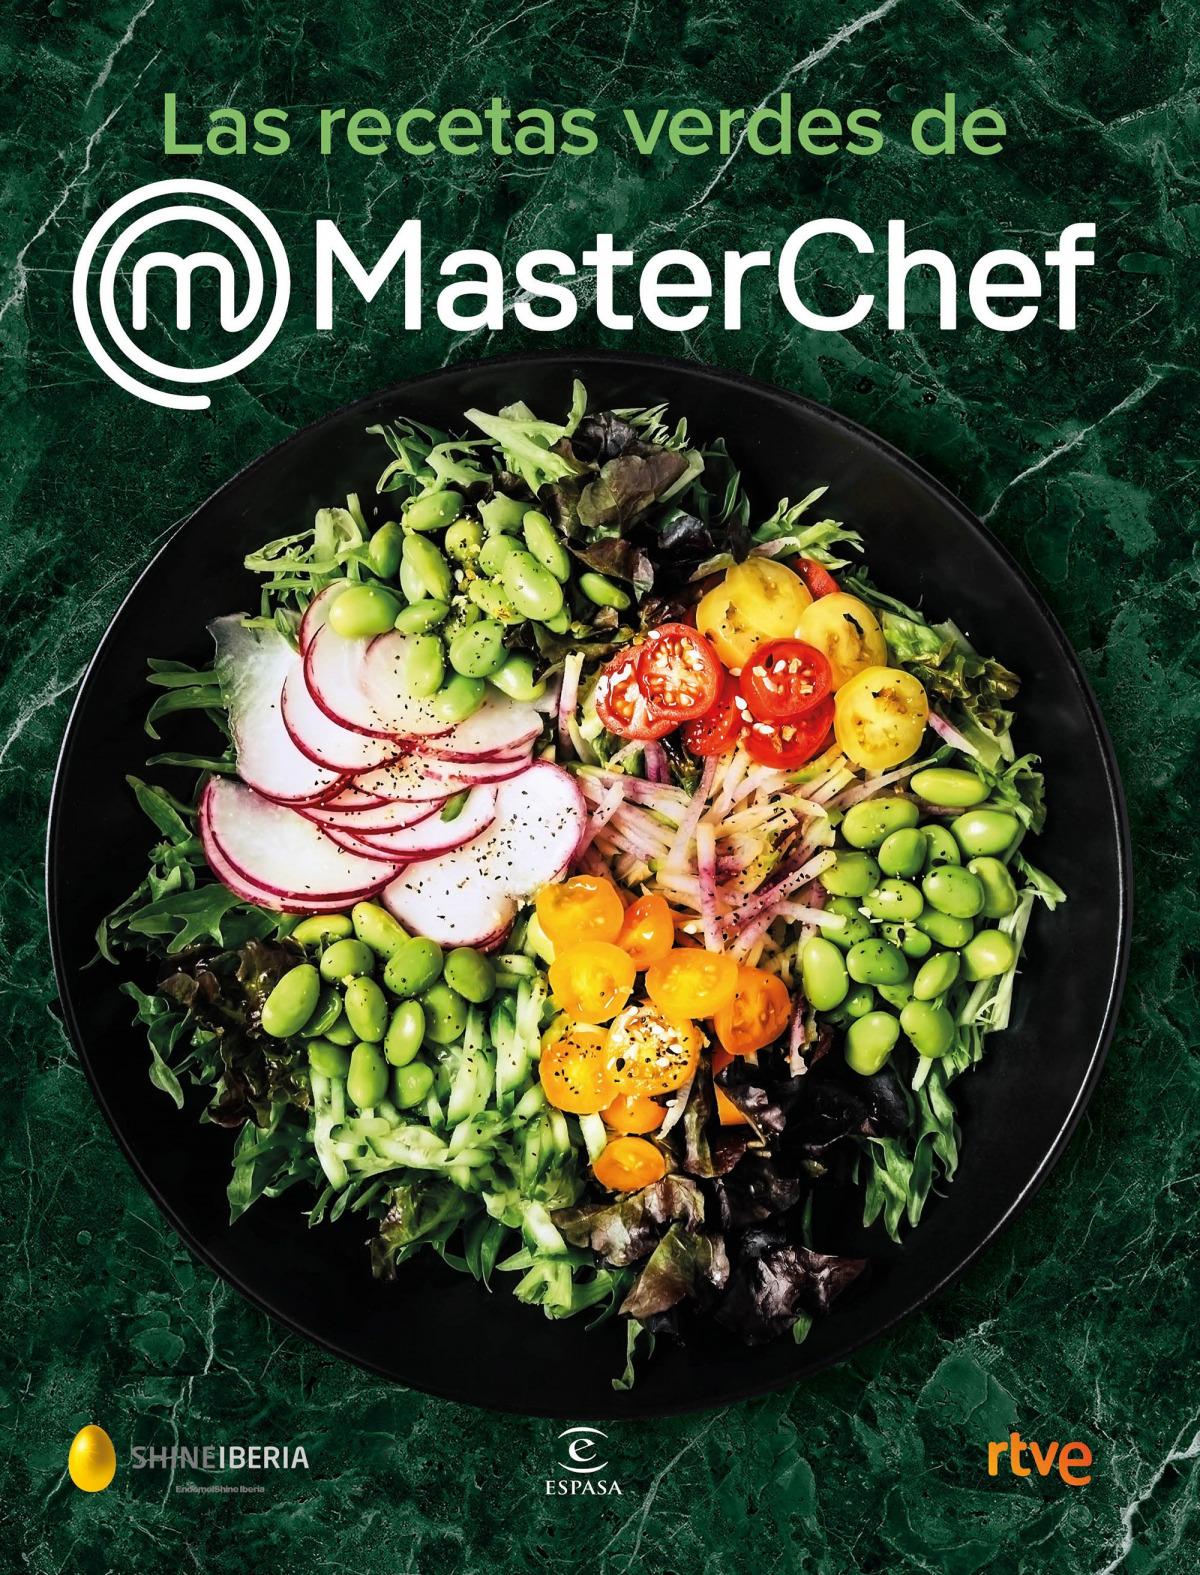 Las recetas verdes de MasterChef 9788467062175